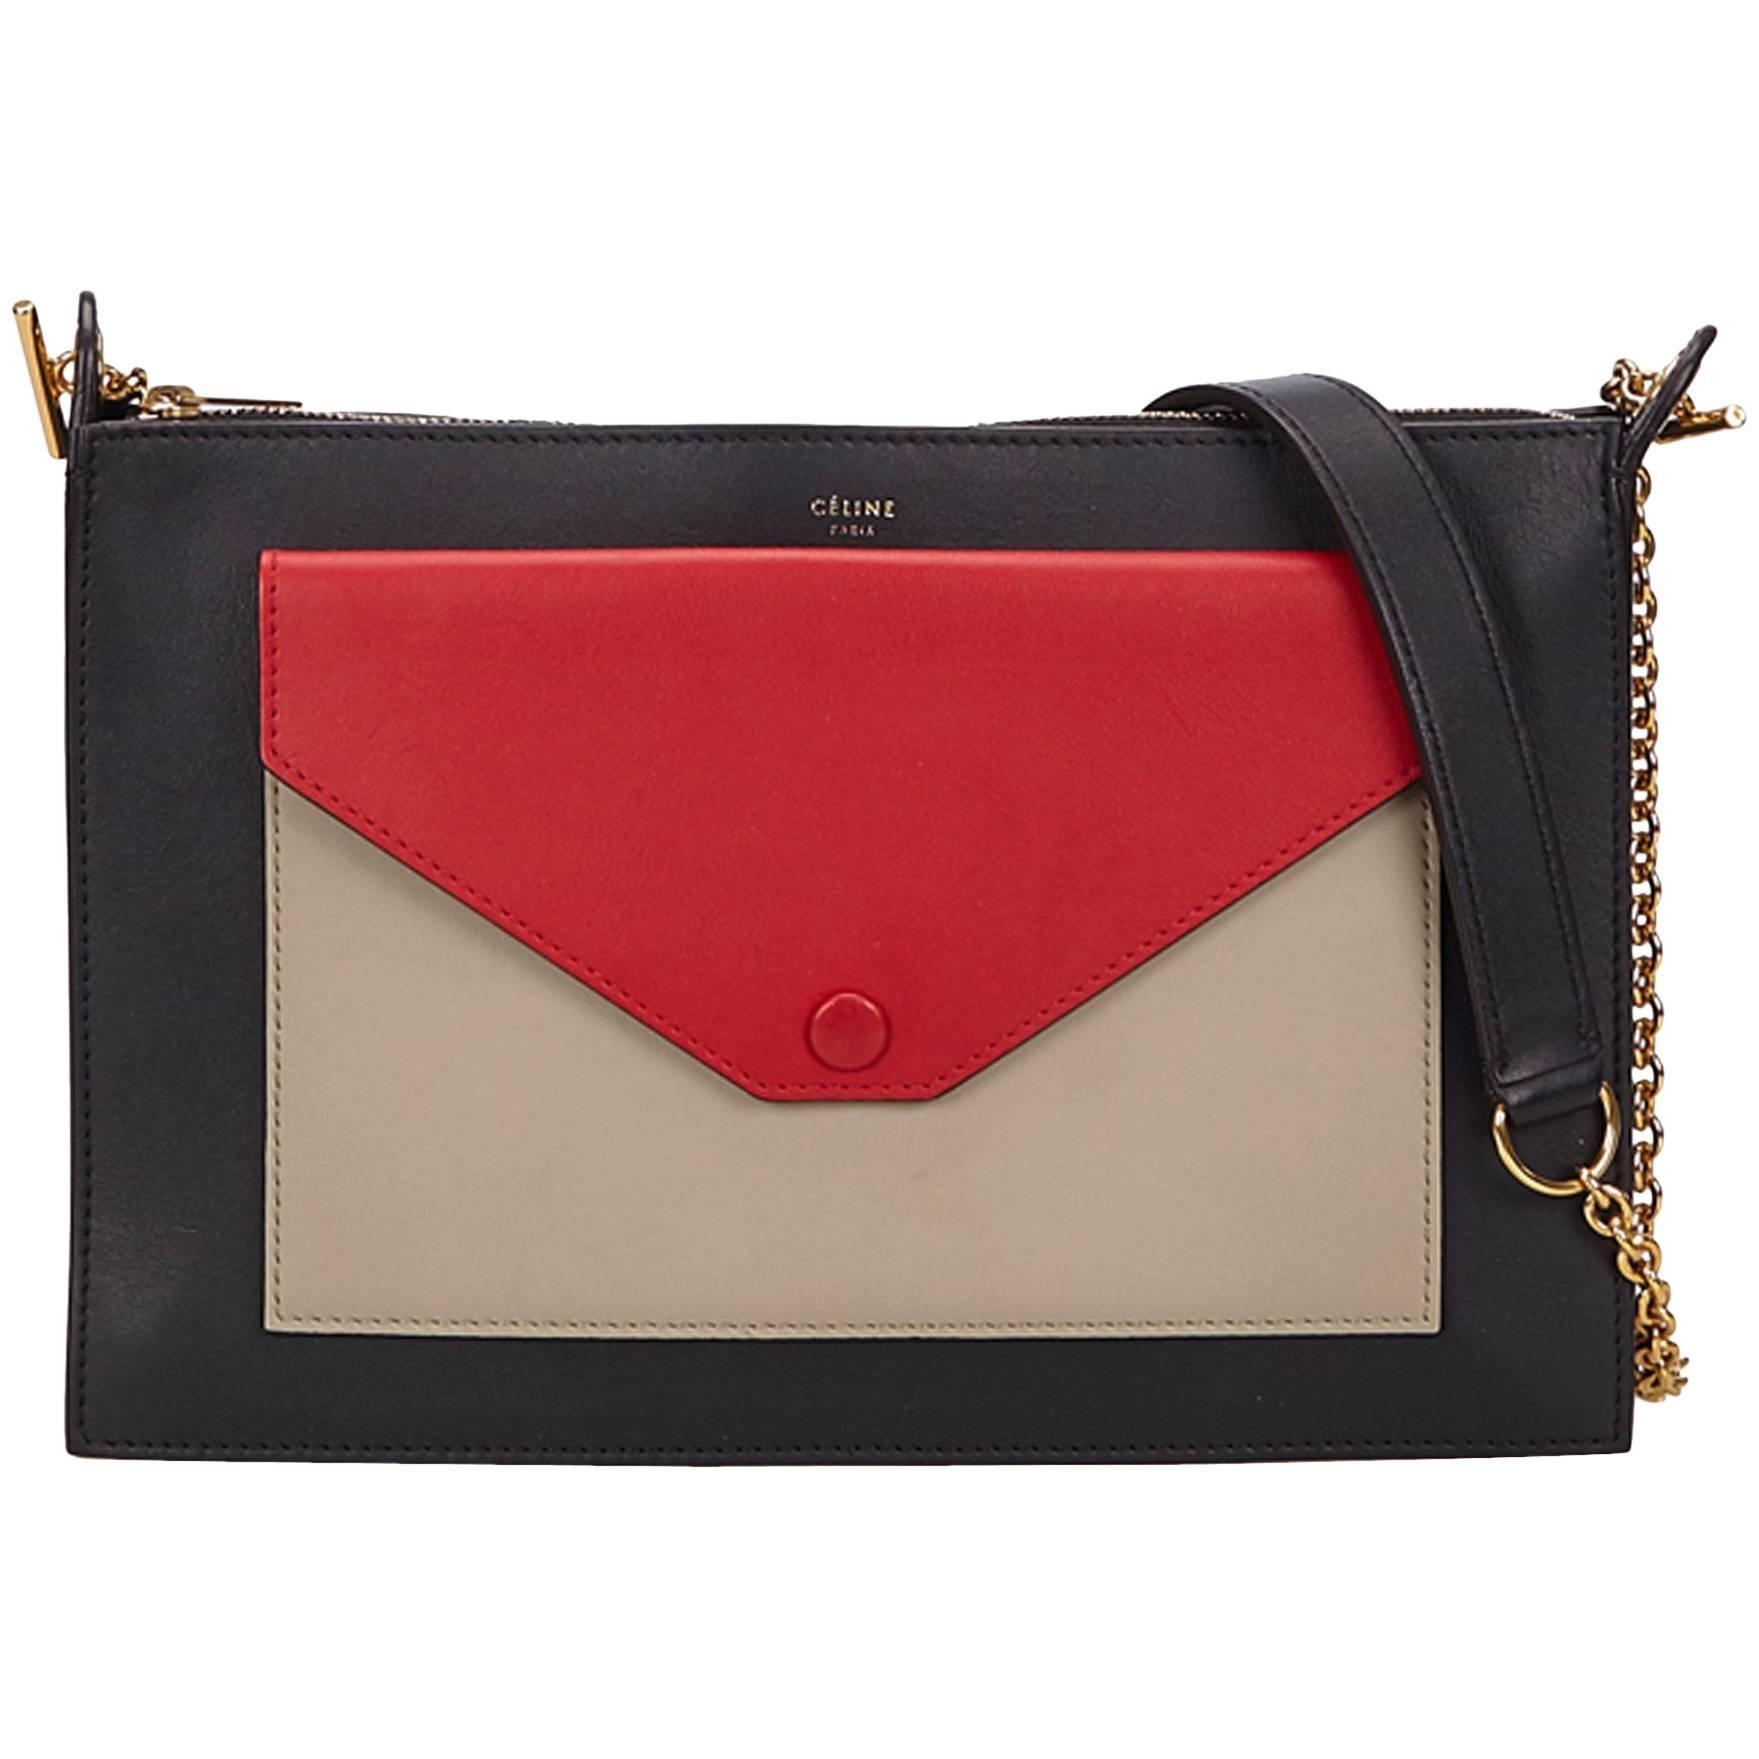 1stdibs Celine Black Leather Gold Zipper Around Chain Envelope Evening Shoulder Bag erpKp4Nu